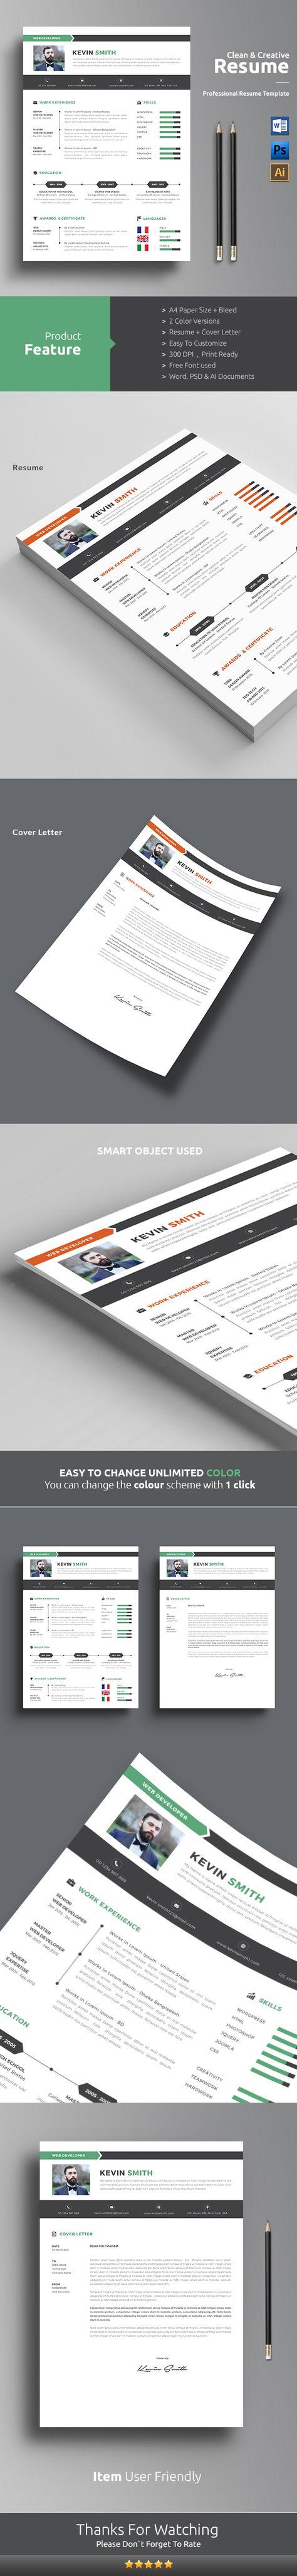 creative CV Curriculum vitea Lebenslauf graphic design portfolio ...